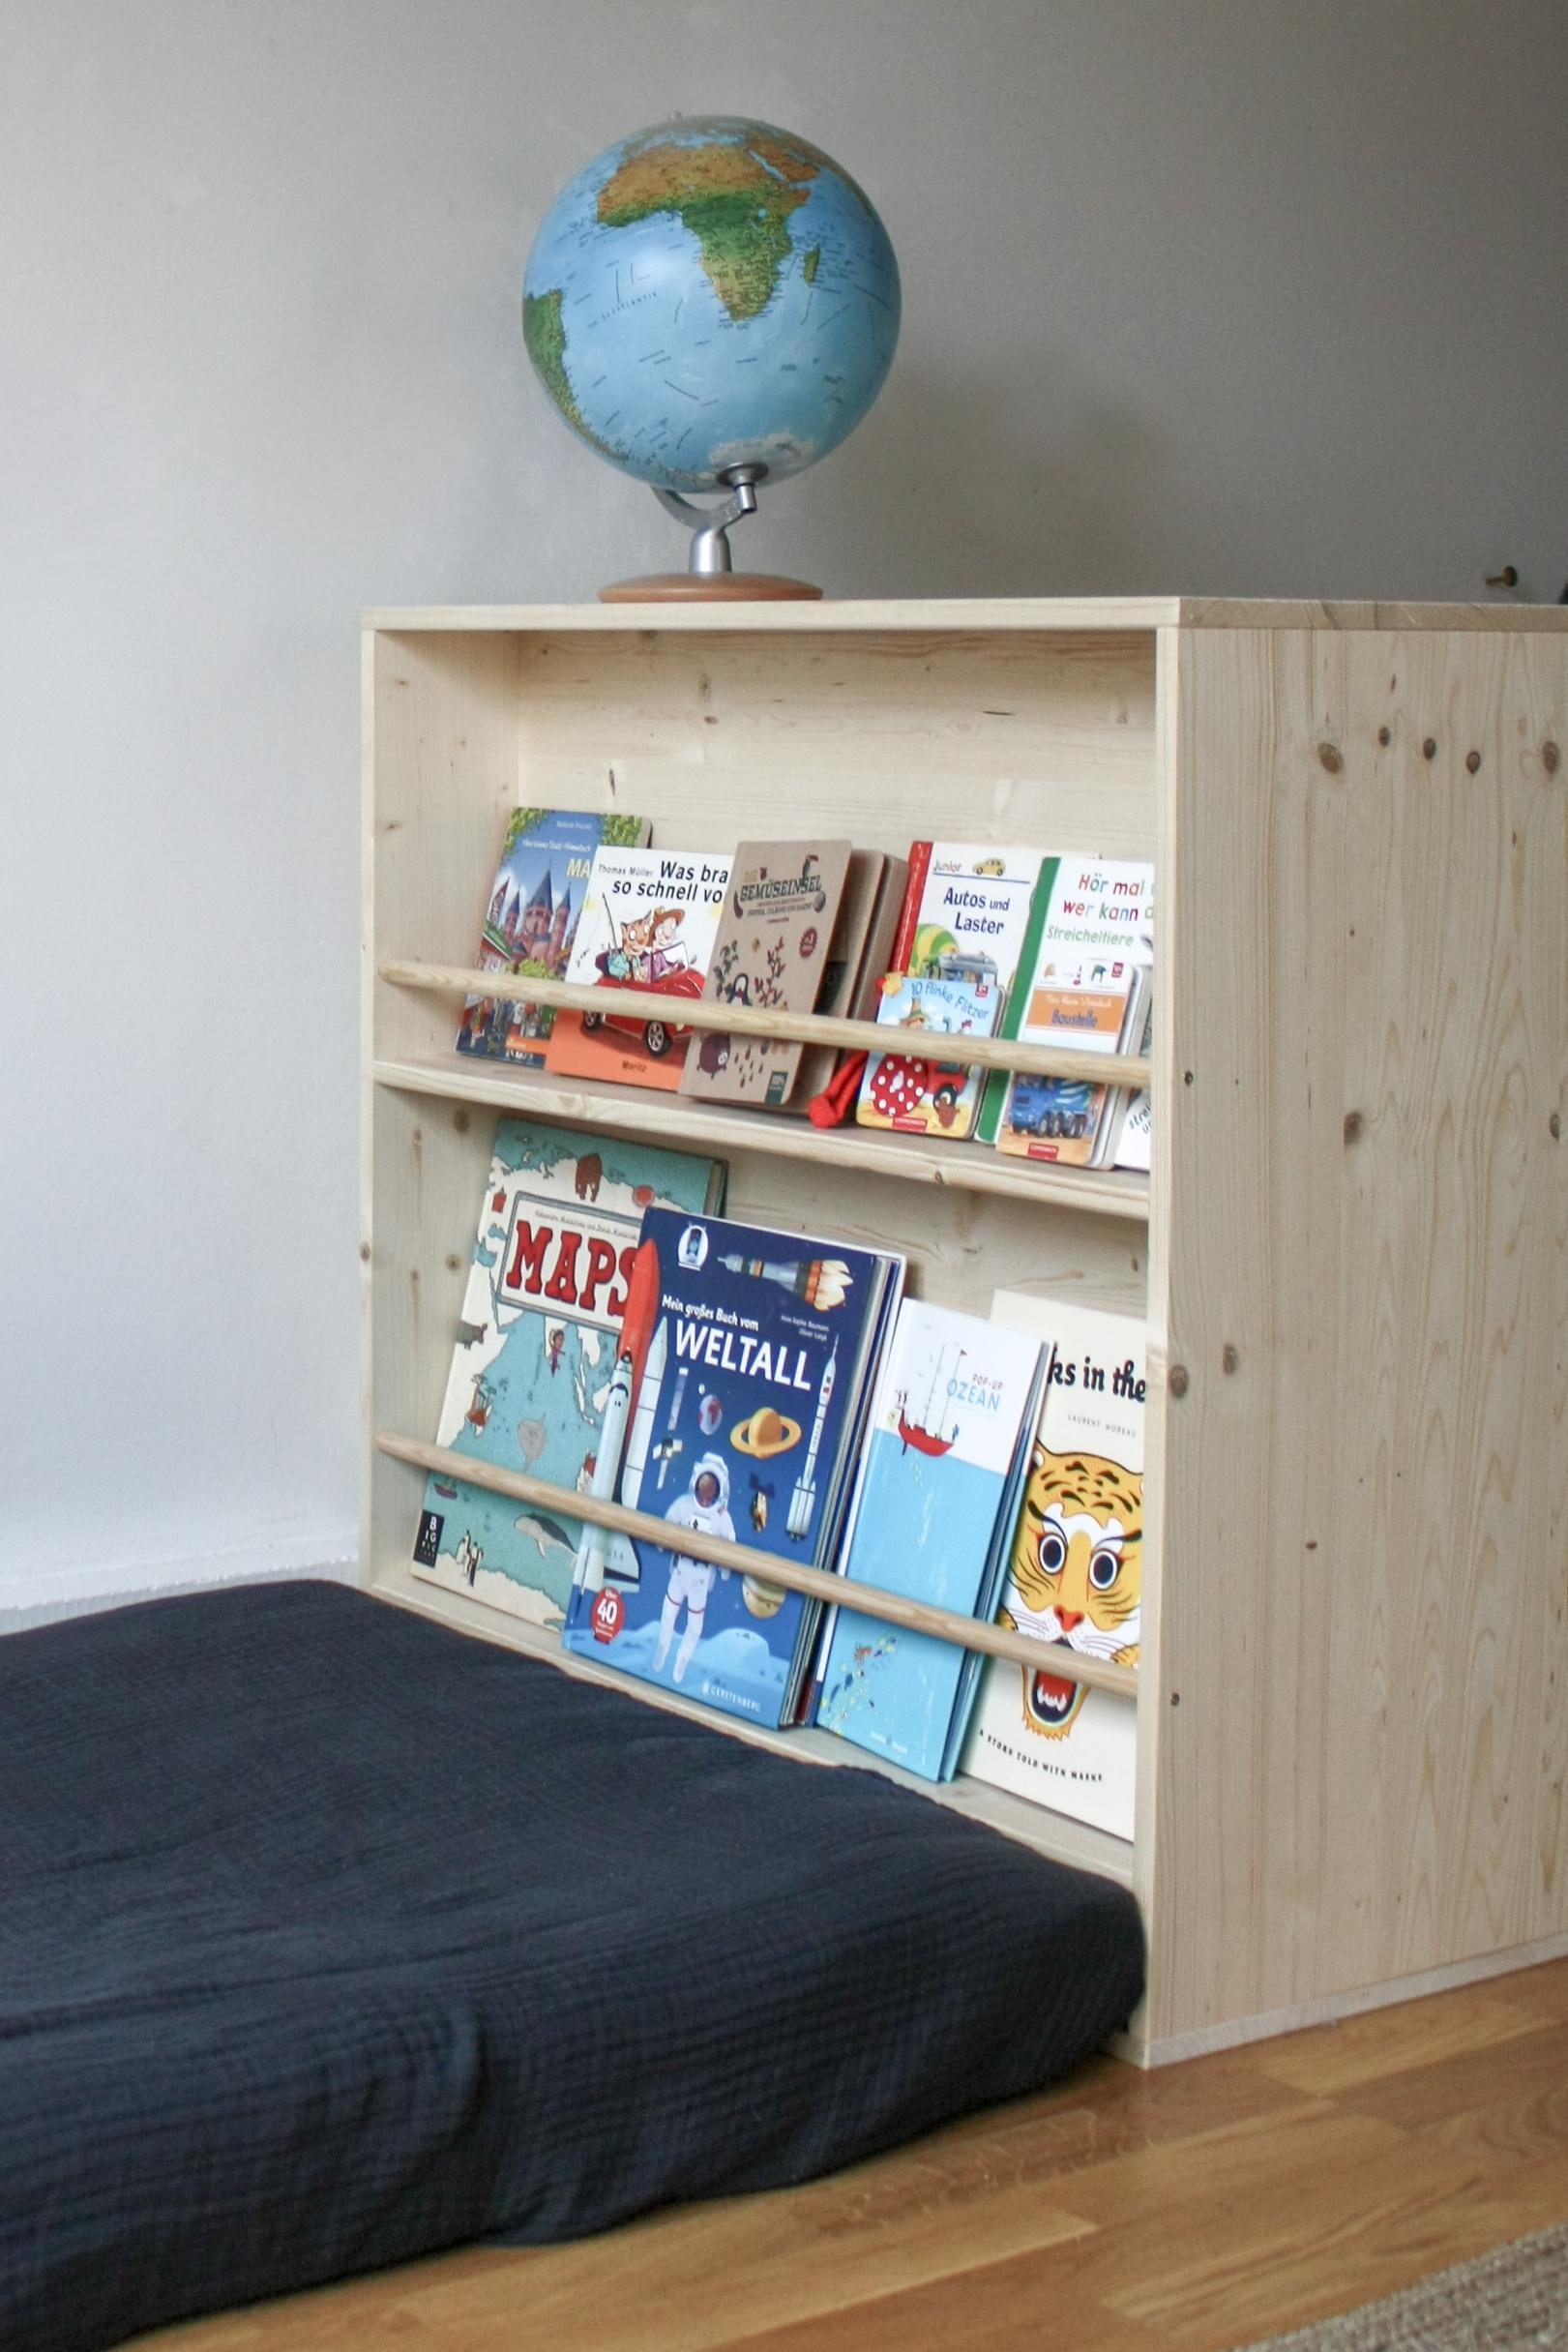 Full Size of Bücherregal Kinderzimmer Diy Montessori Mbel Selber Bauen Kleiderschrank Und Bcherregal Regale Regal Weiß Sofa Kinderzimmer Bücherregal Kinderzimmer